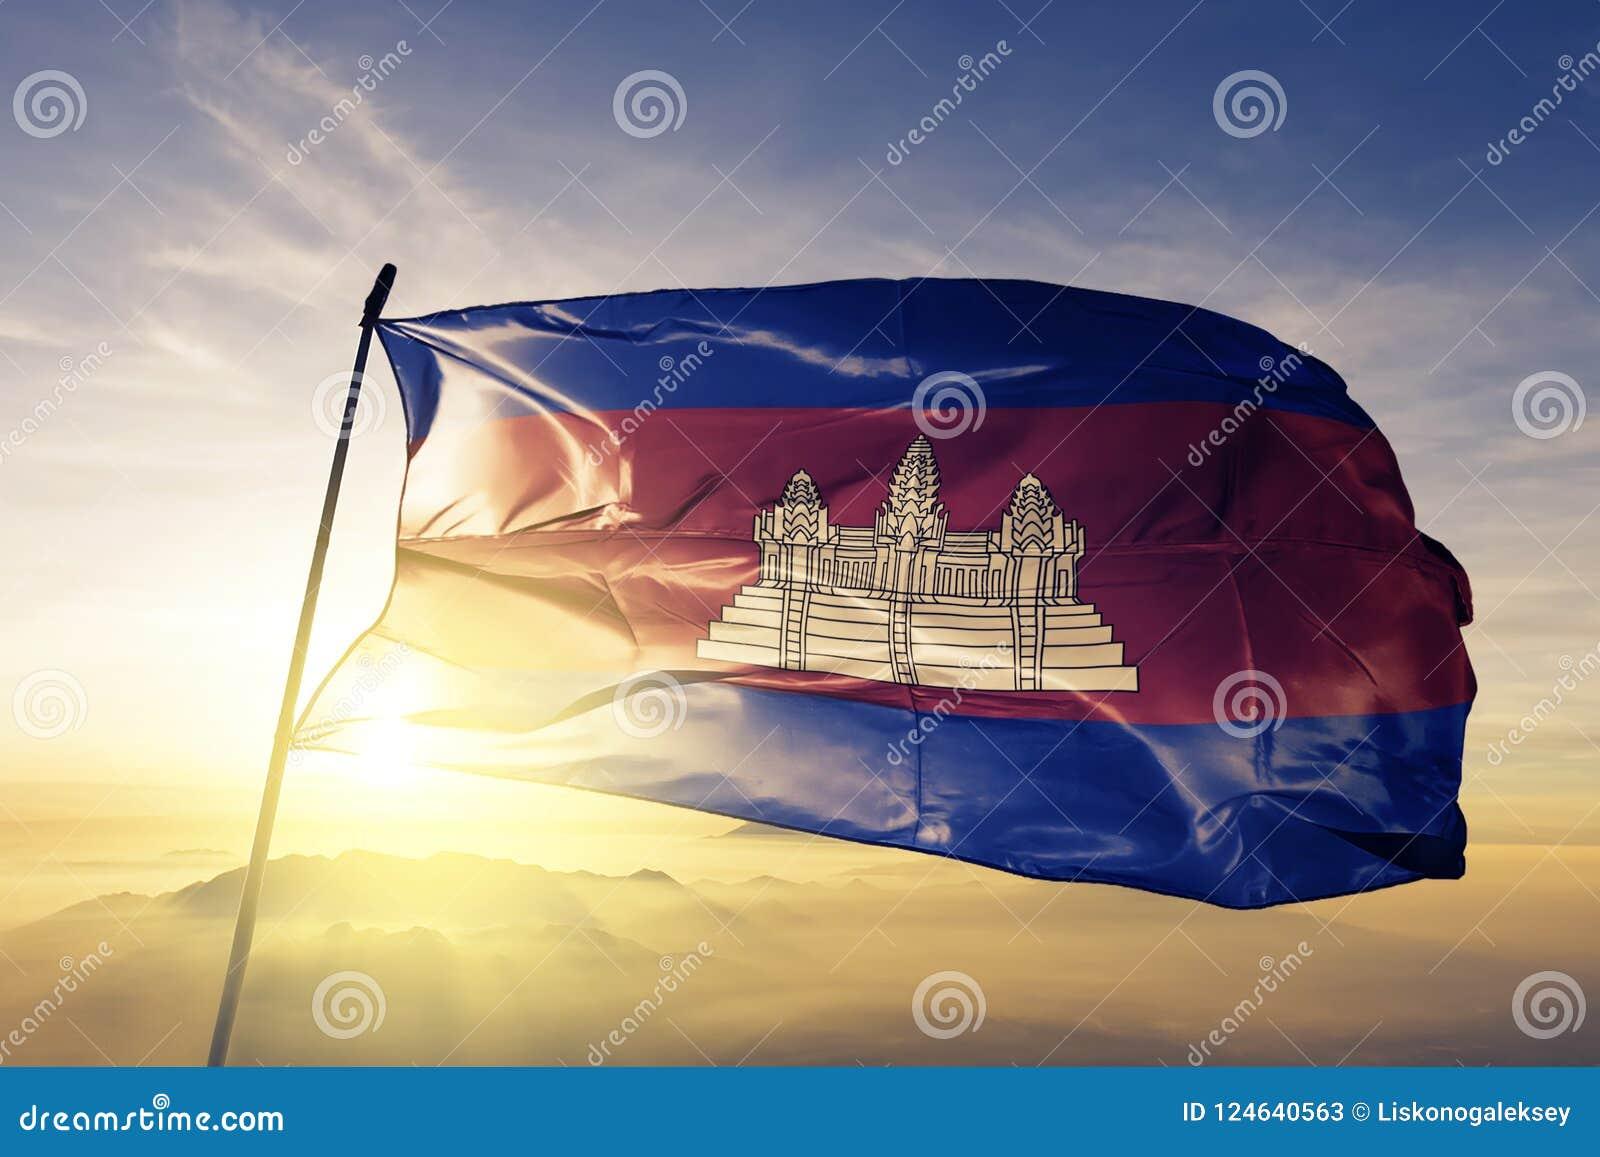 Tissu de tissu de textile de drapeau national du Cambodge ondulant sur le dessus